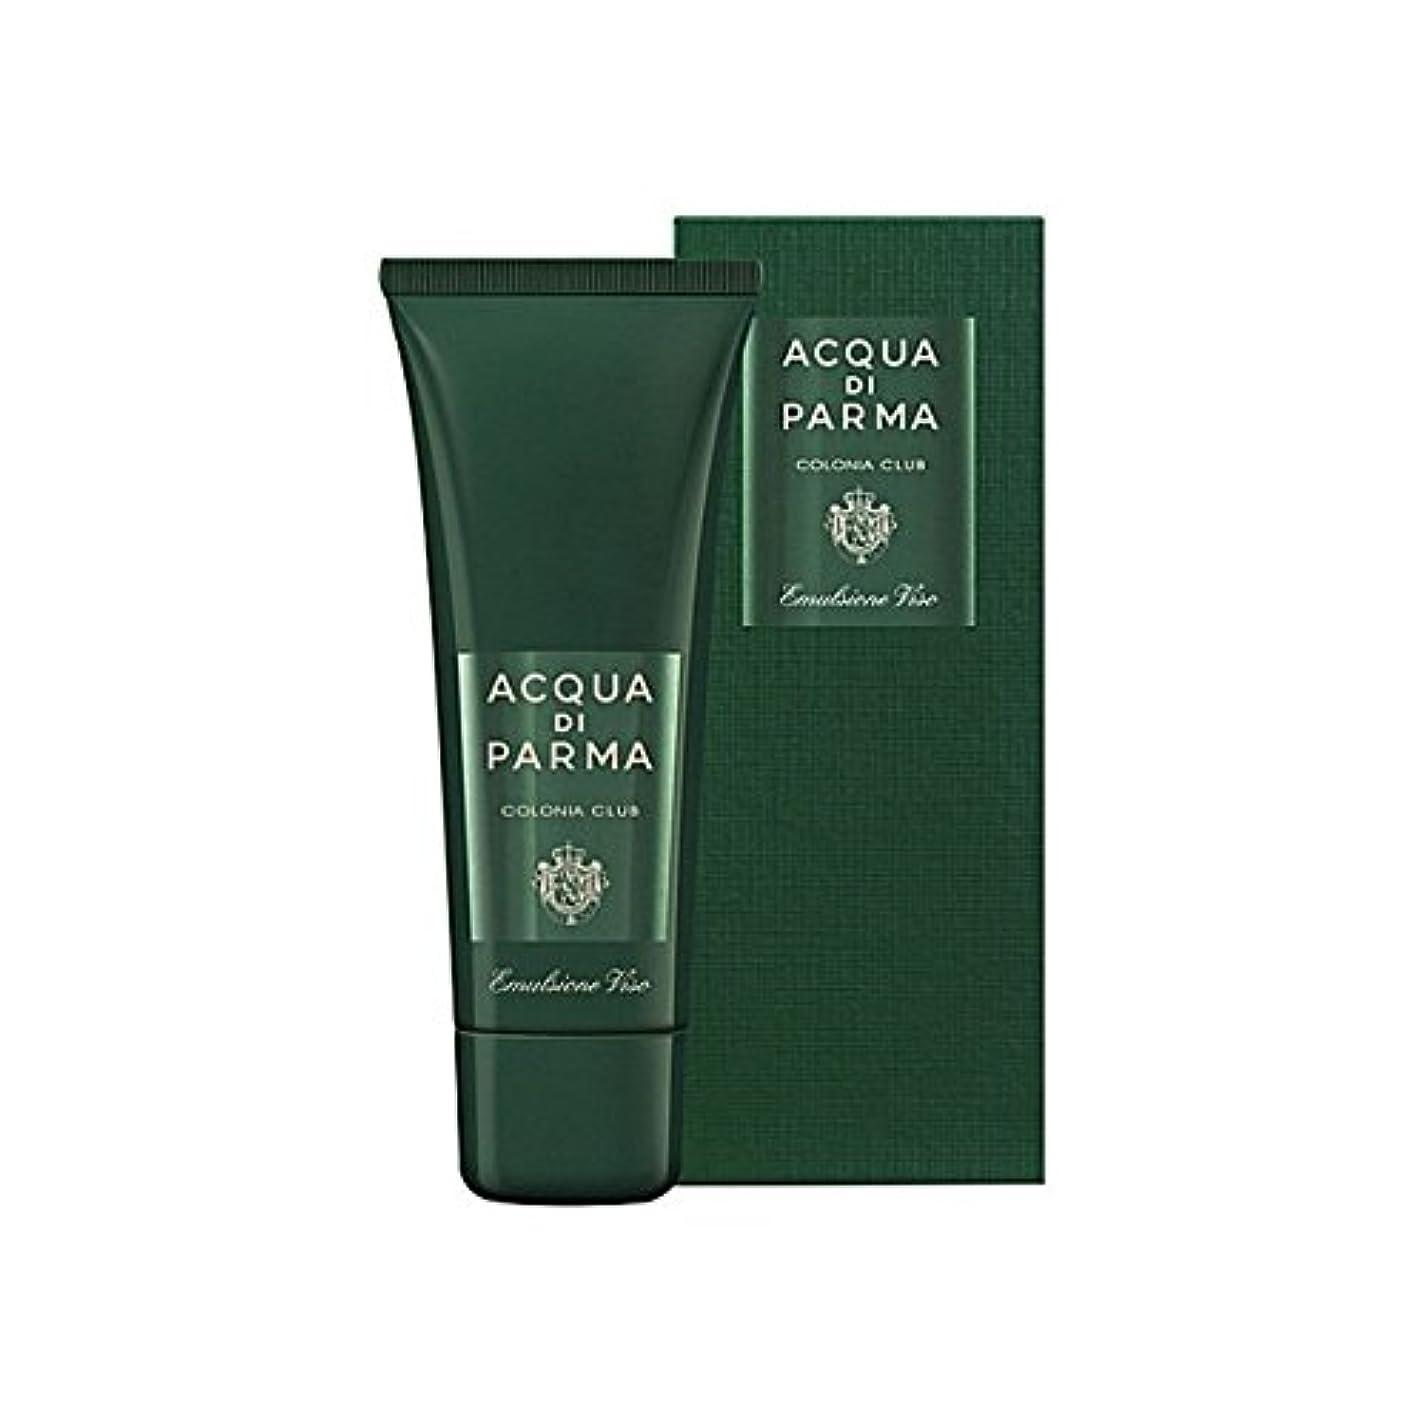 動くスティーブンソンボイドアクアディパルマコロニアクラブフェースエマルジョン75ミリリットル x4 - Acqua Di Parma Colonia Club Face Emulsion 75ml (Pack of 4) [並行輸入品]